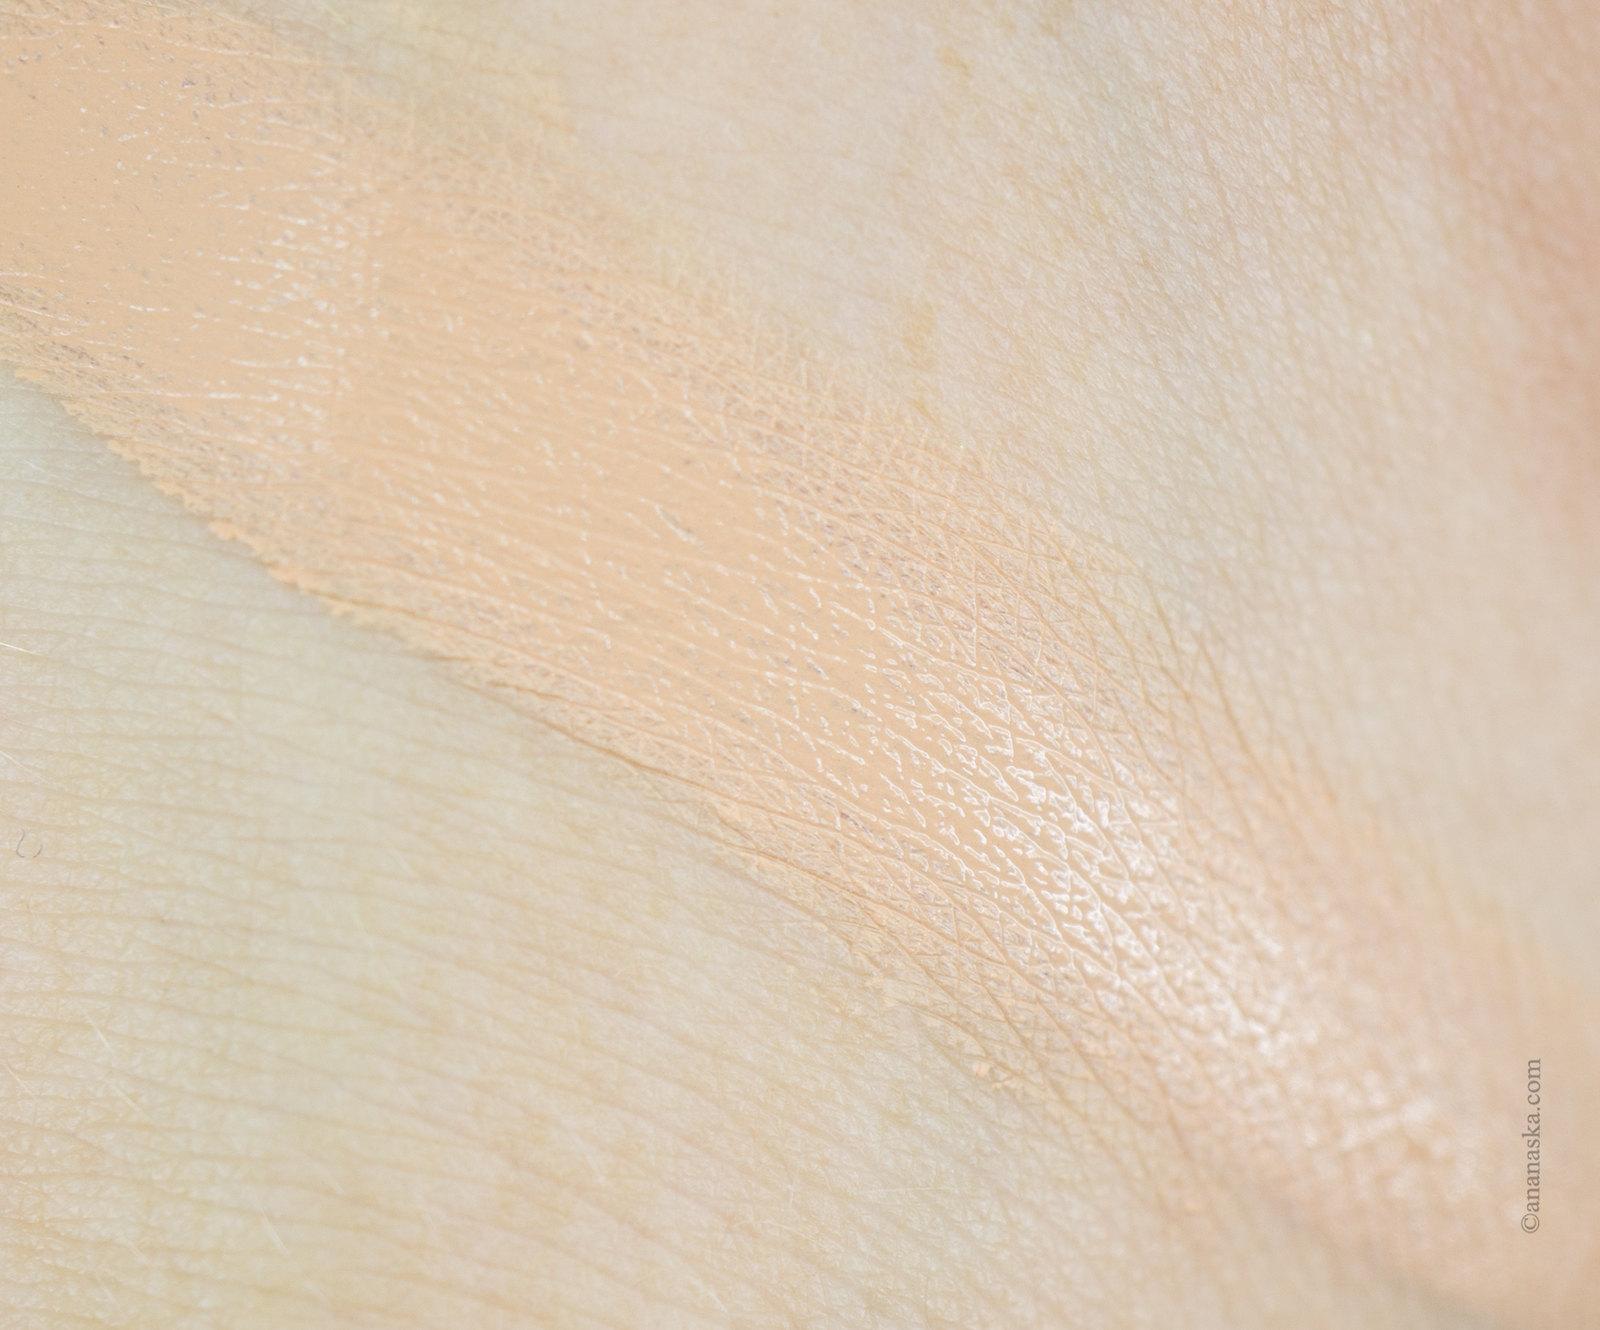 Benefit Boi-ing Airbrush Concealer 02 Medium